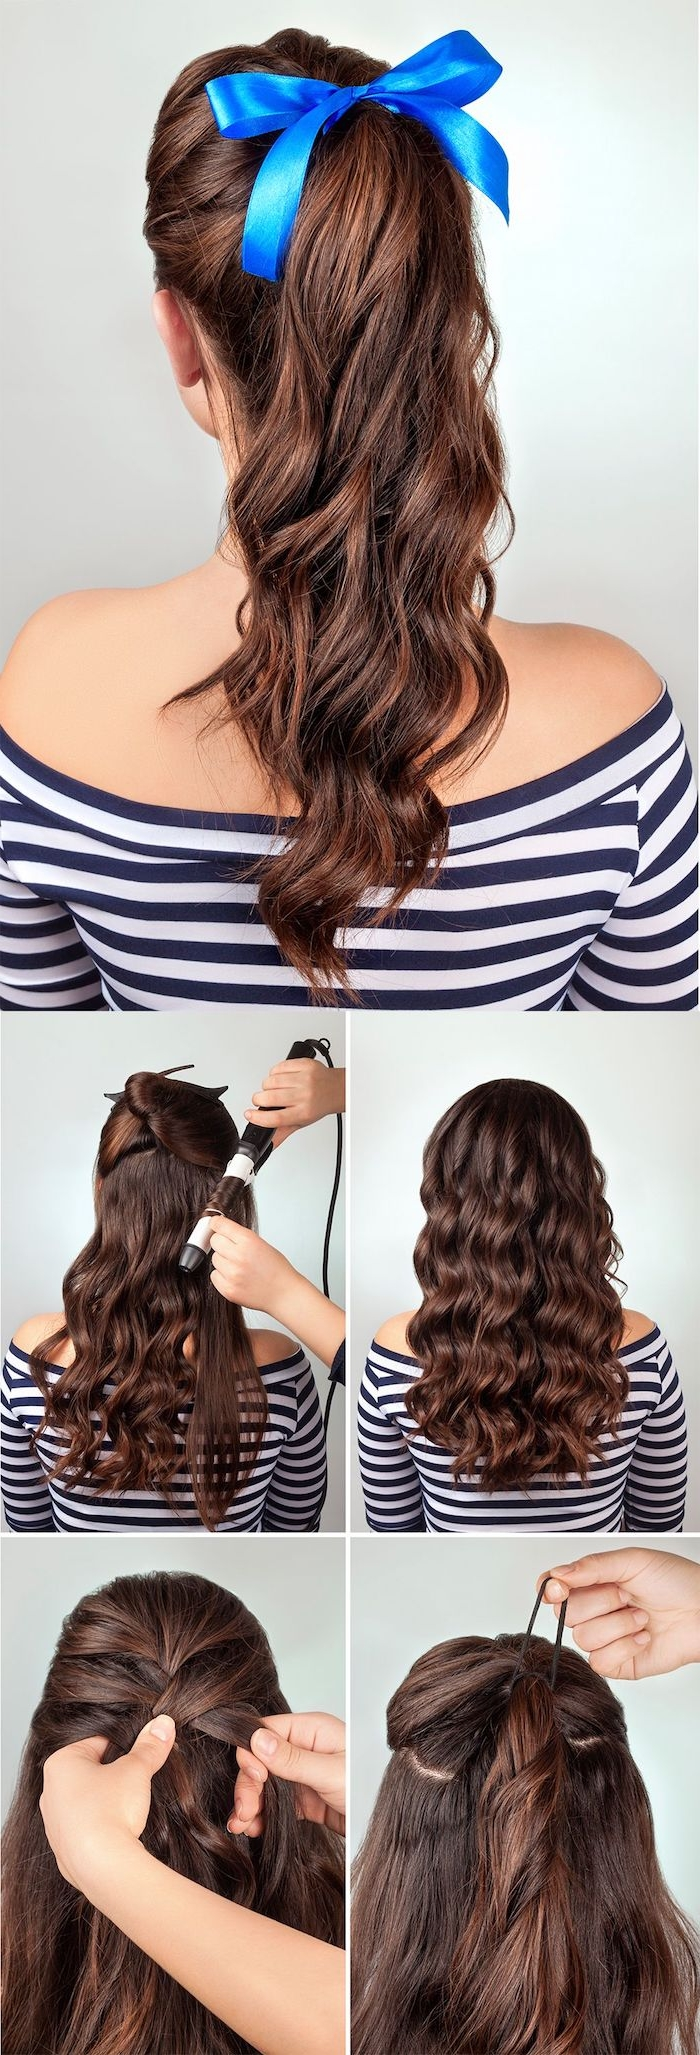 Haare zum Ponytail binden, Locken mit Lockenstab zaubern, blaue Schleife binden, lange braune Haare